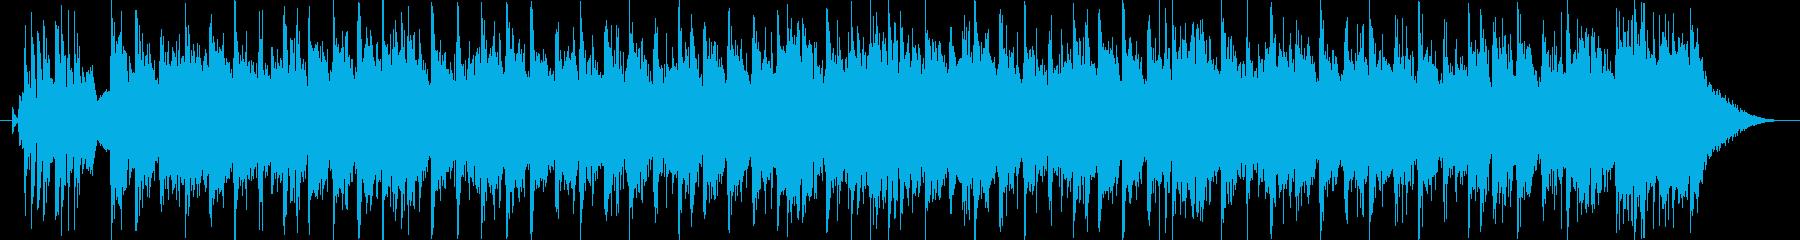 トーク用BGM(ファンク、ダンス)の再生済みの波形